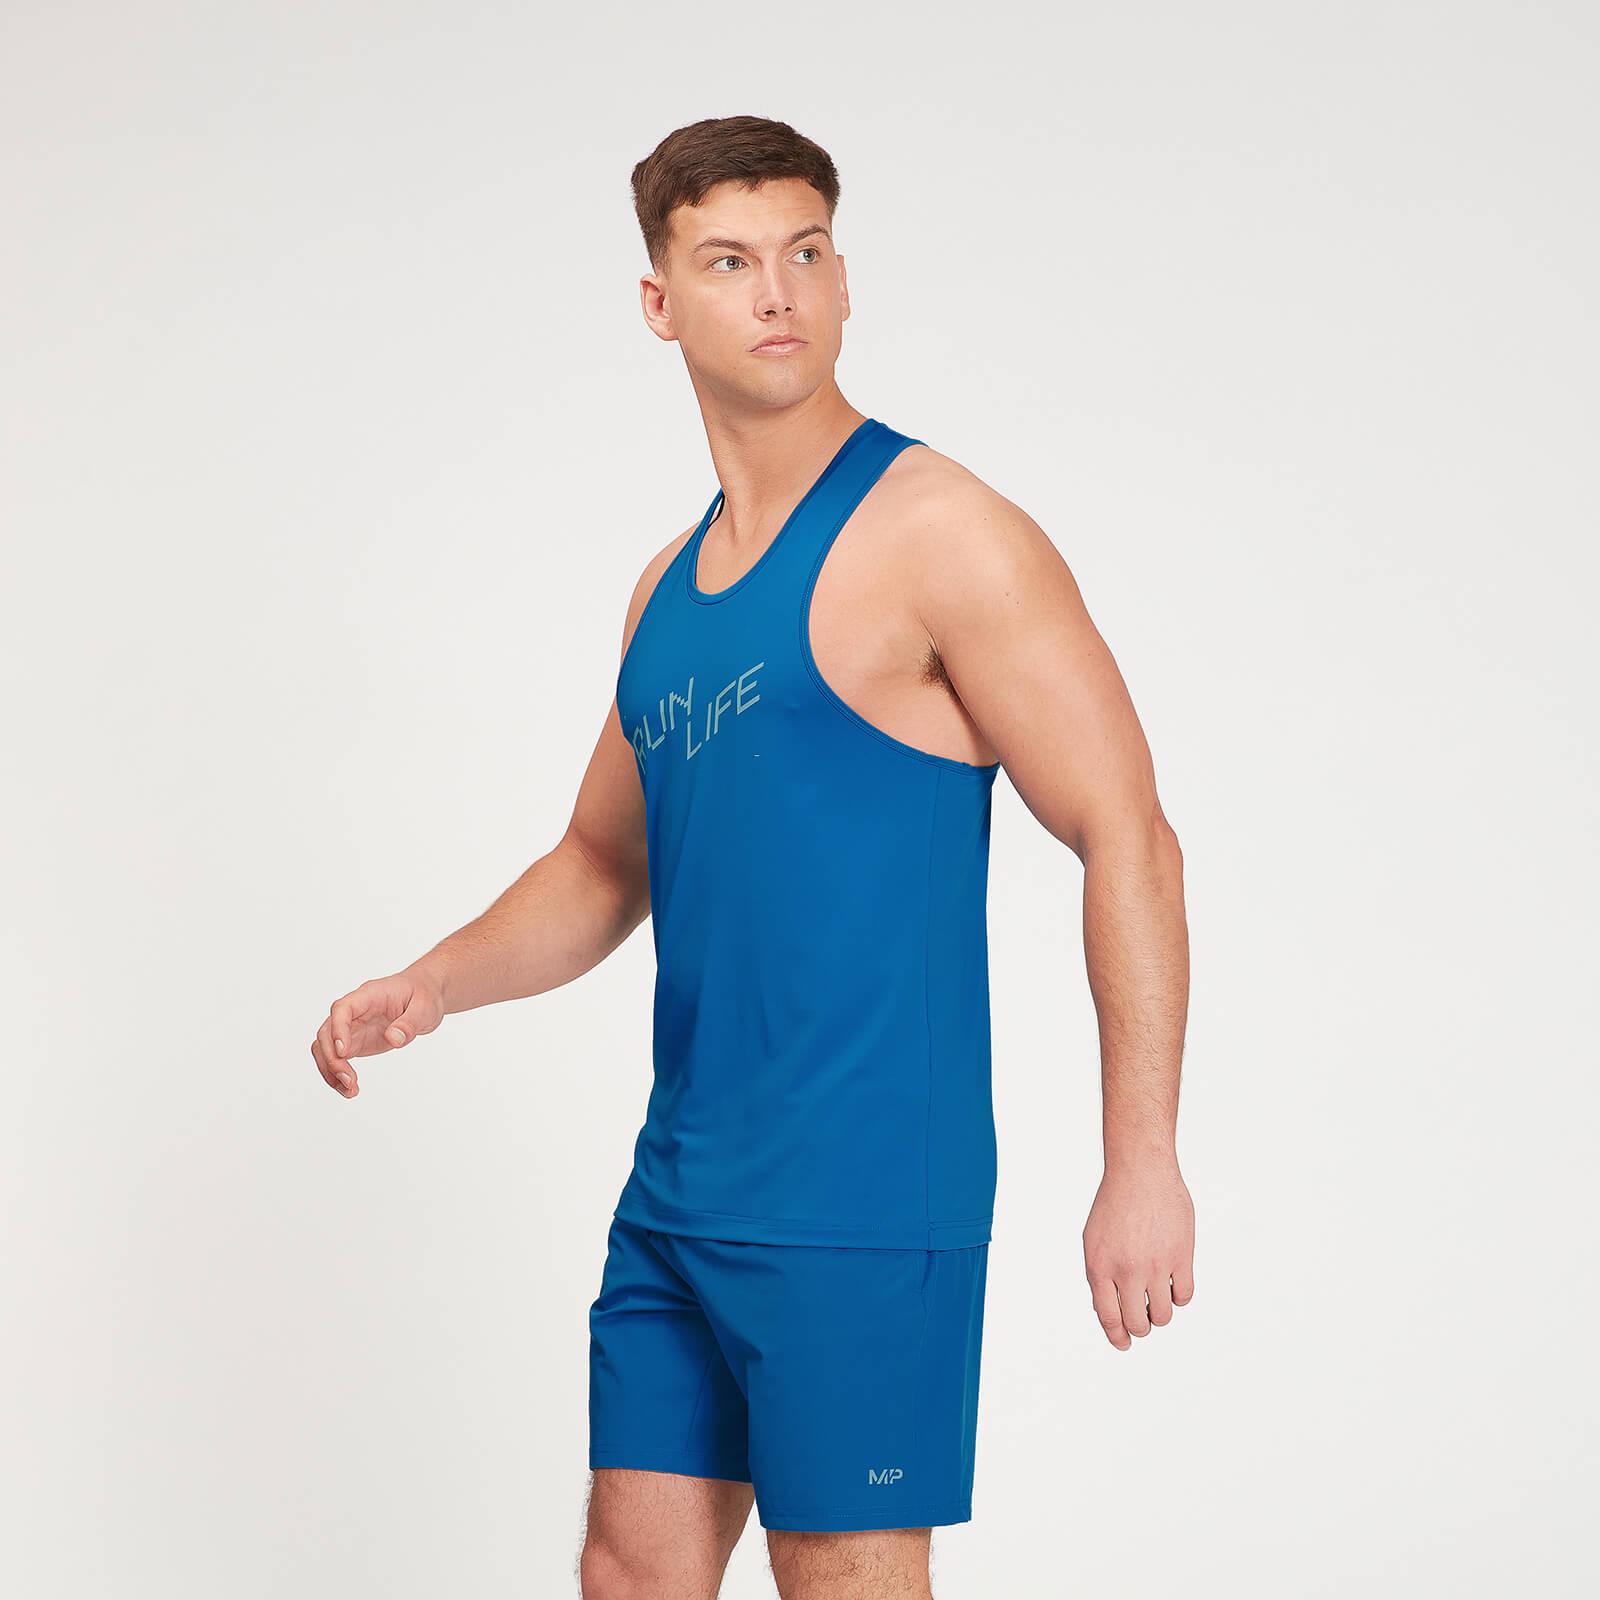 Купить MP Men's Graphic Running Tank Top - True Blue - XL, Myprotein International